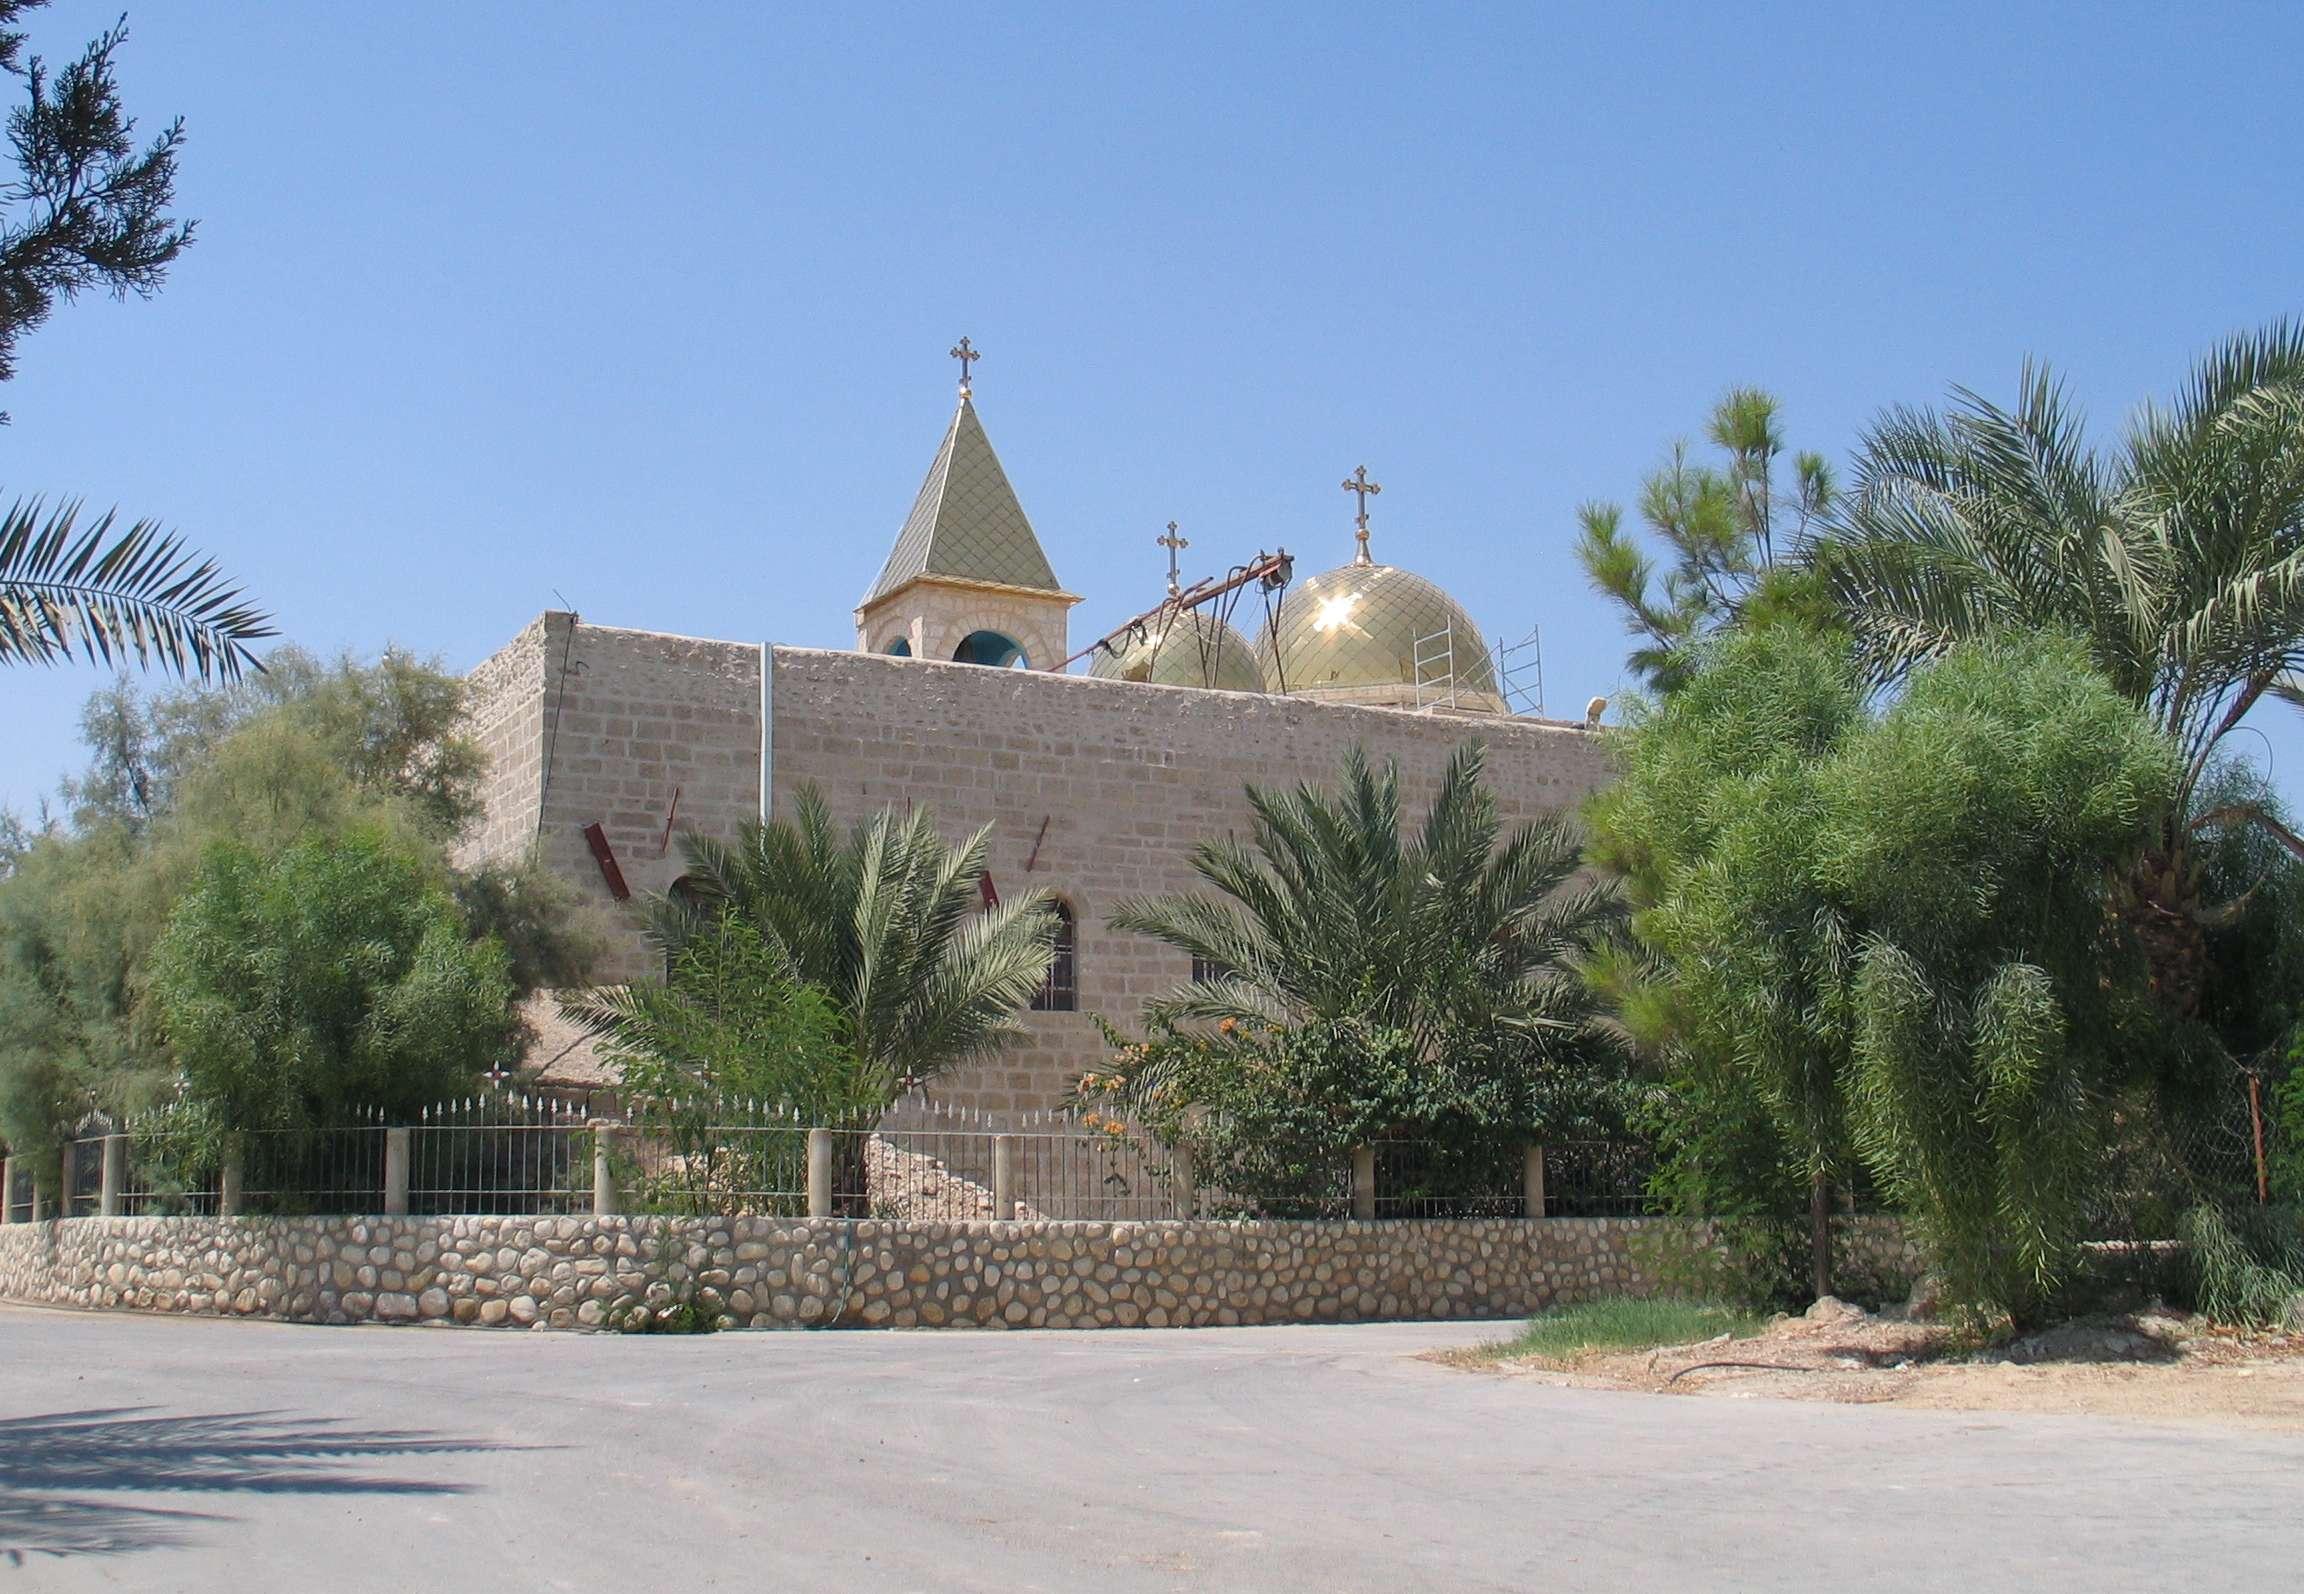 монастырь герасима иорданского, молодым семьям